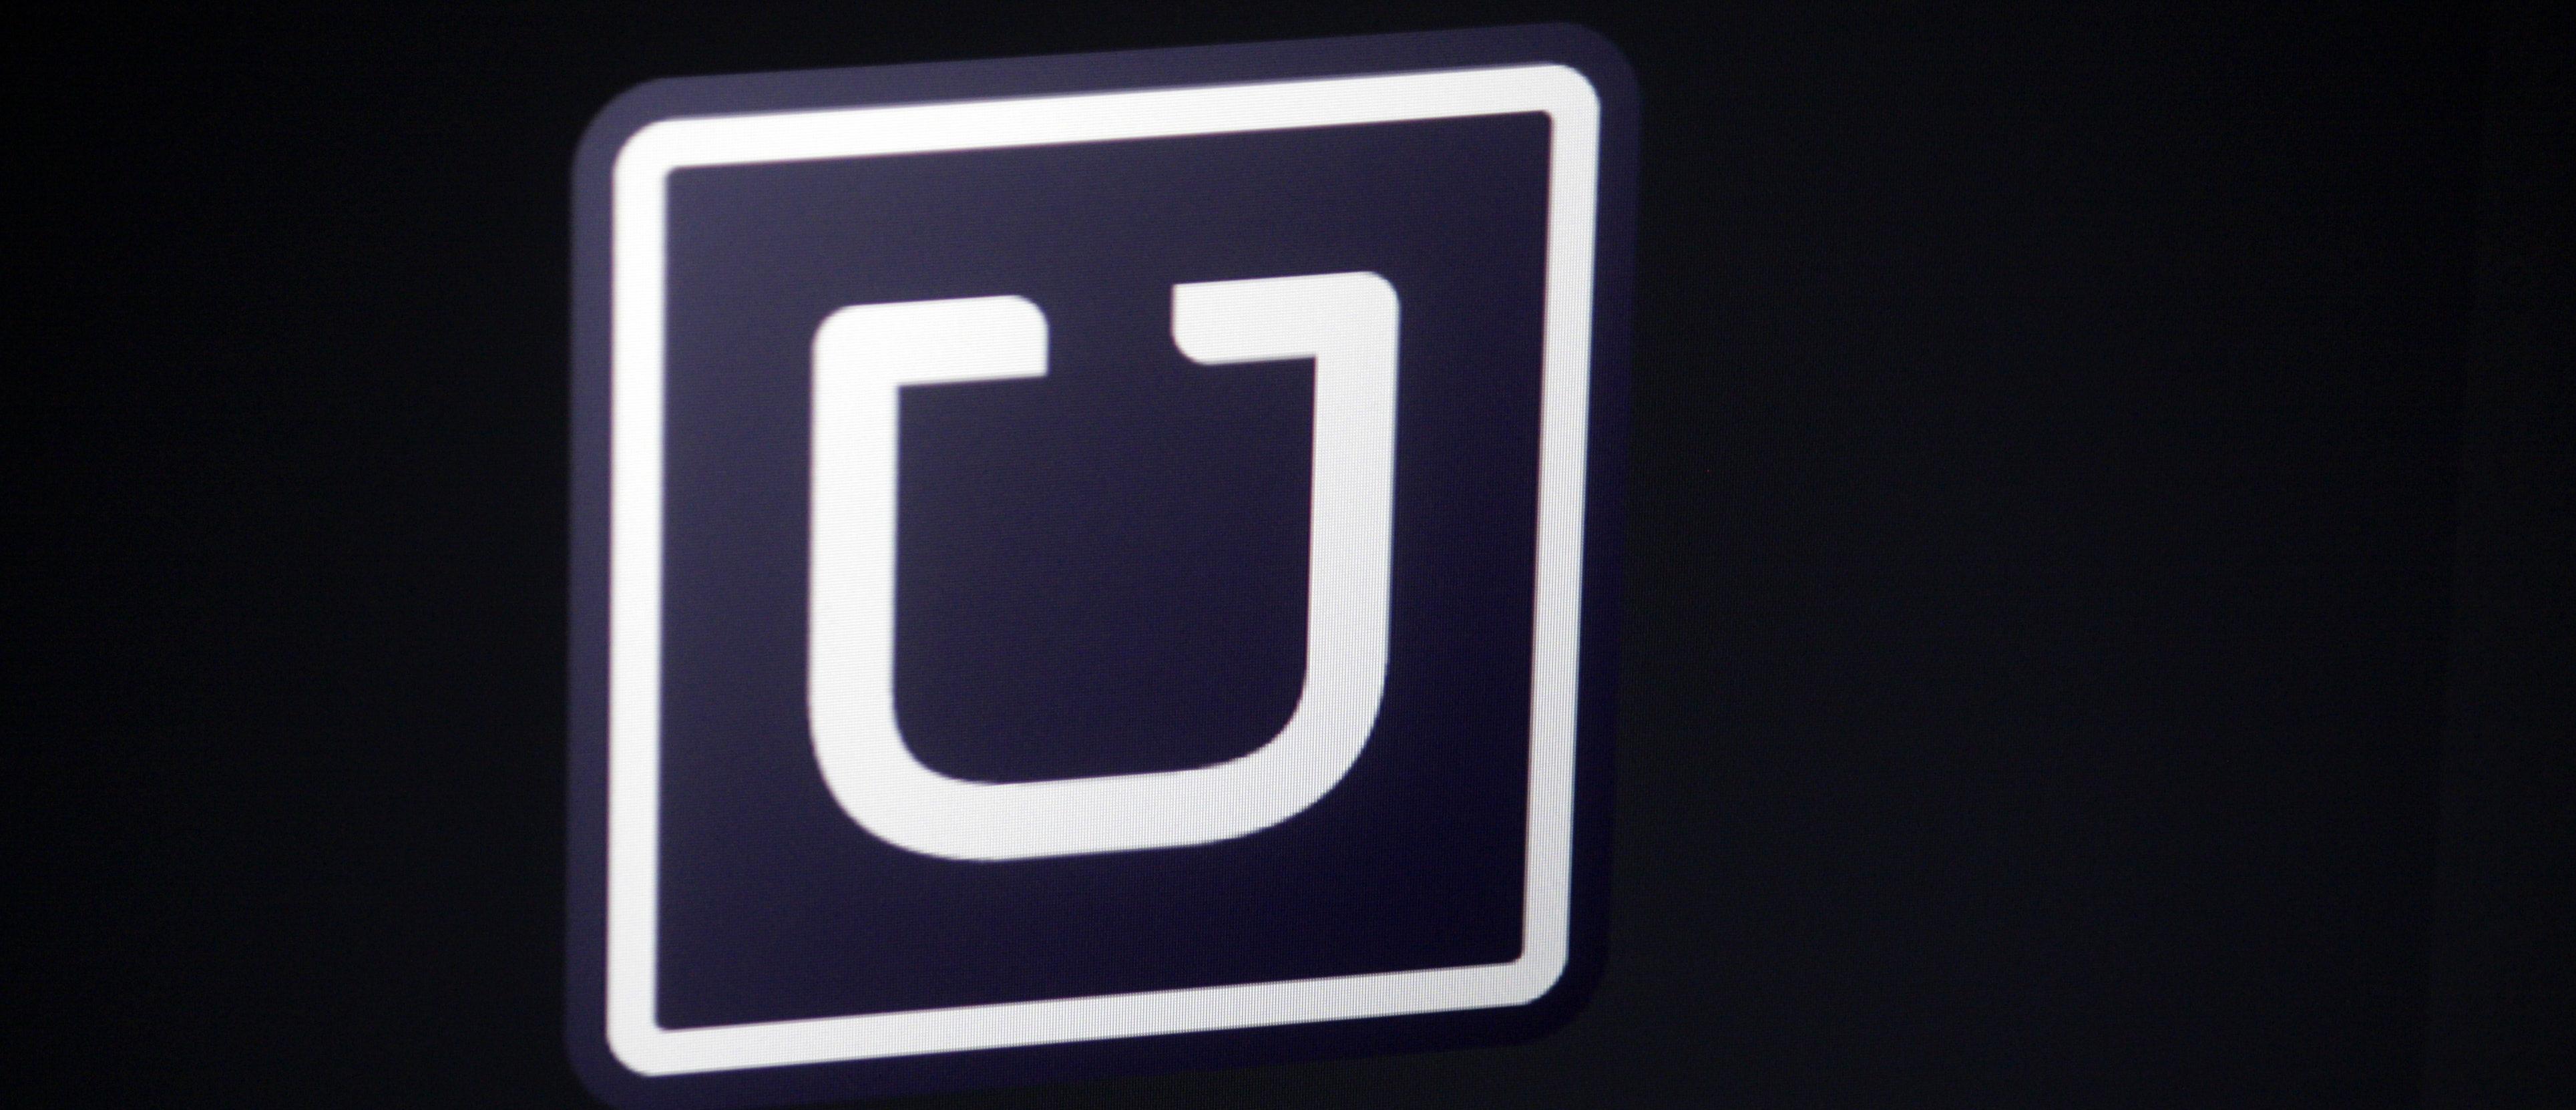 Uber logo (Shutterstock/360b)